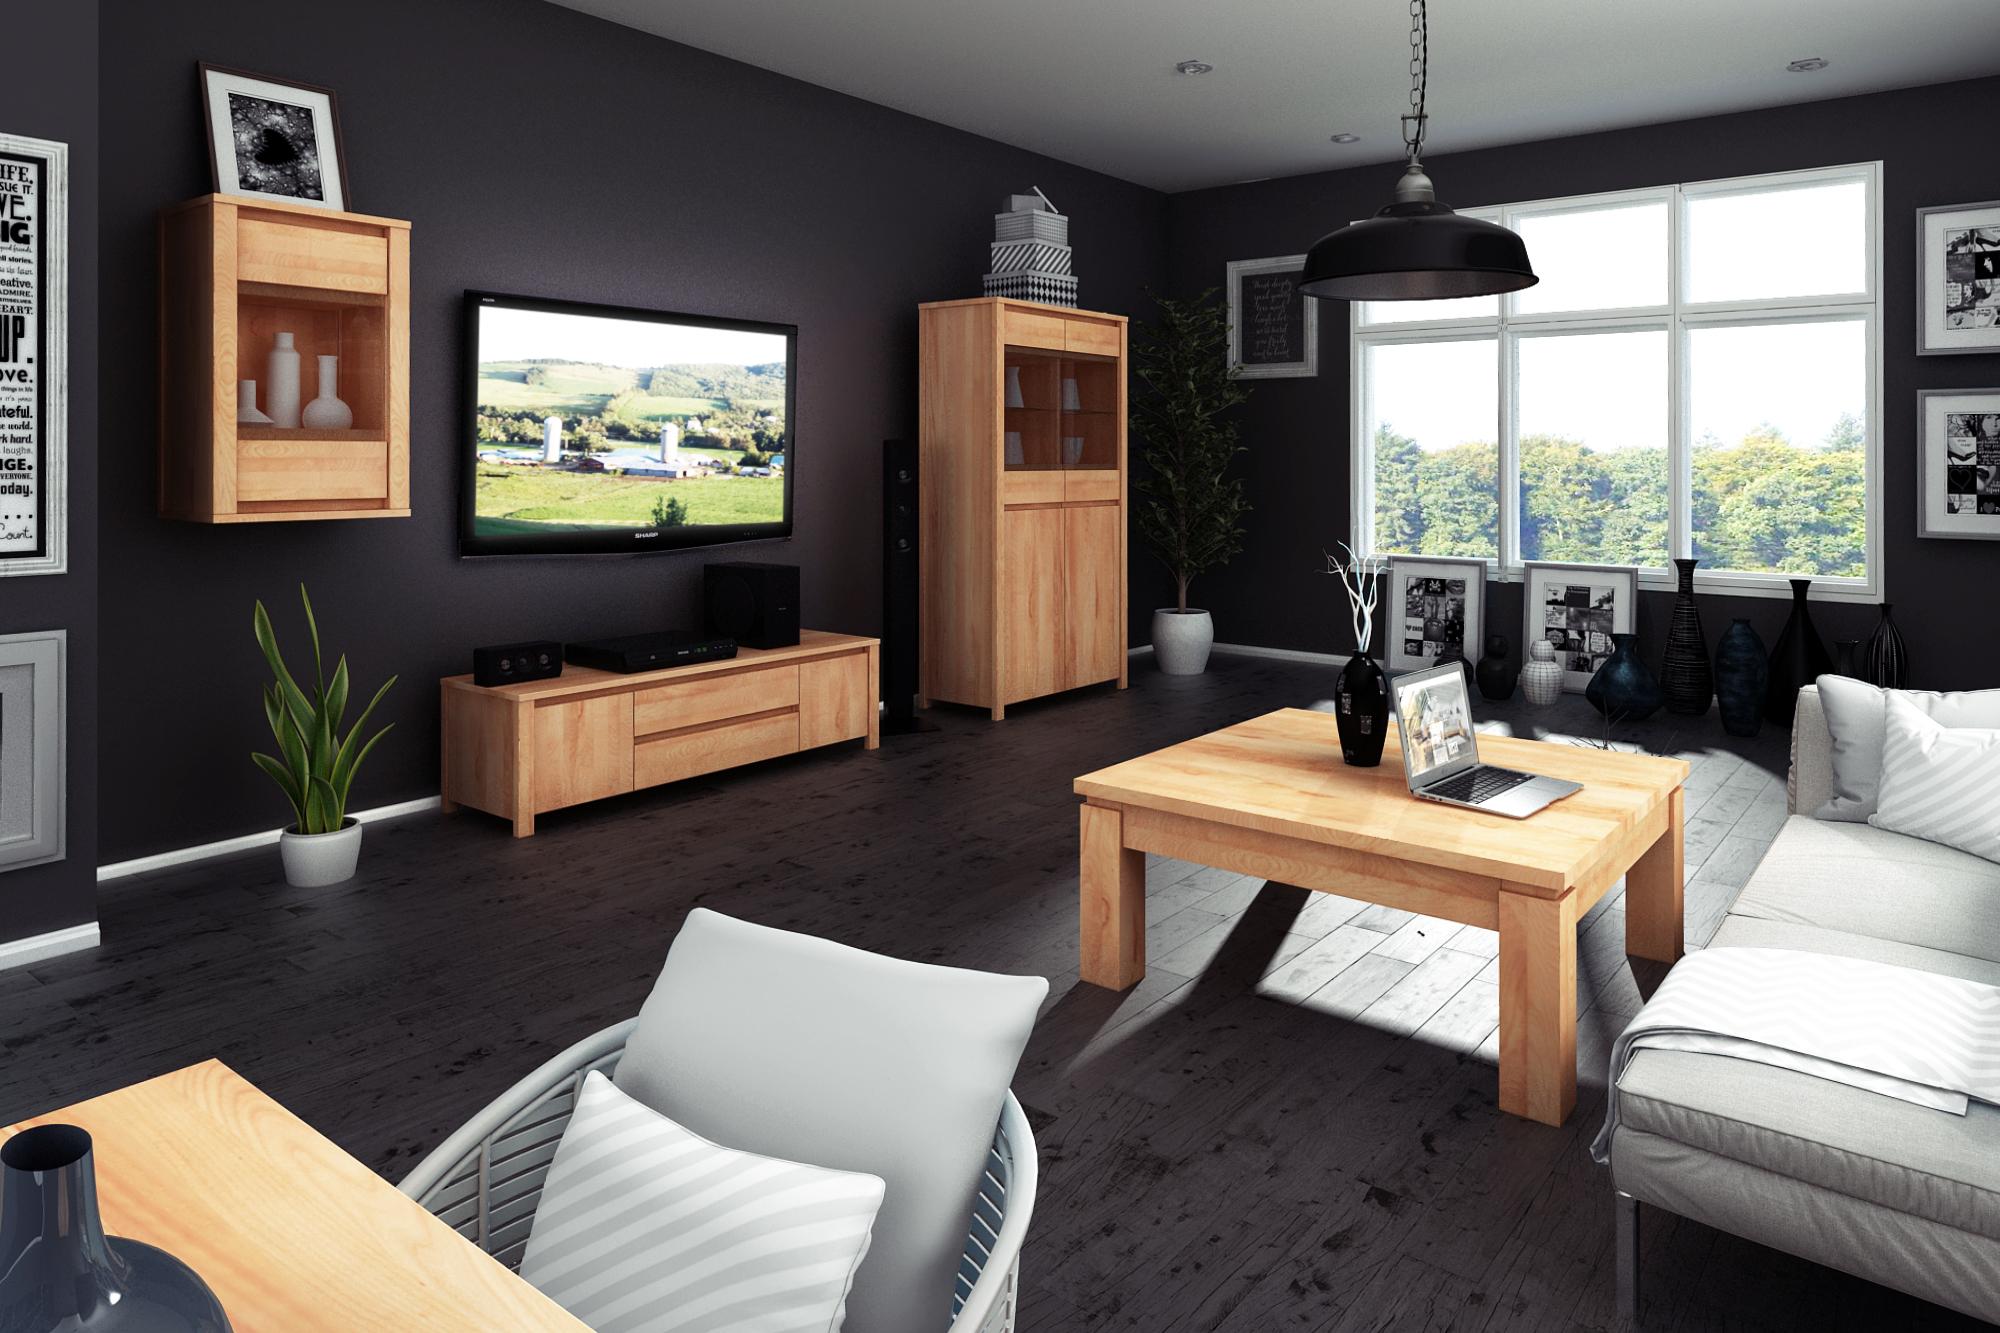 Meble drewniane z kolekcji Vinci The Beds w salonie z czarnymi ścianami